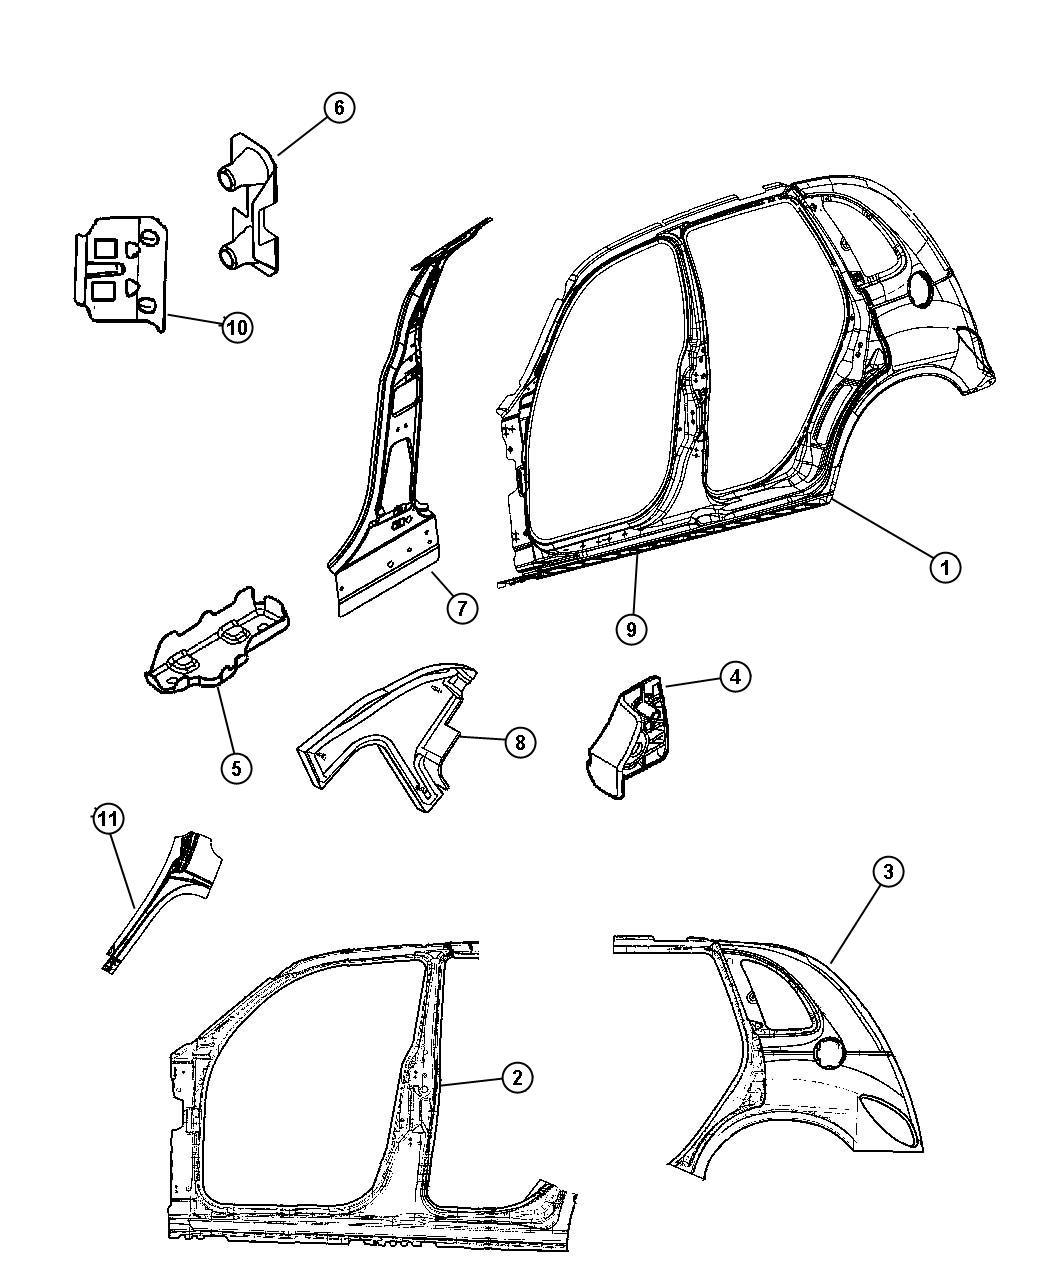 2005 Chrysler PT Cruiser Reinforcement. Front hinge pillar